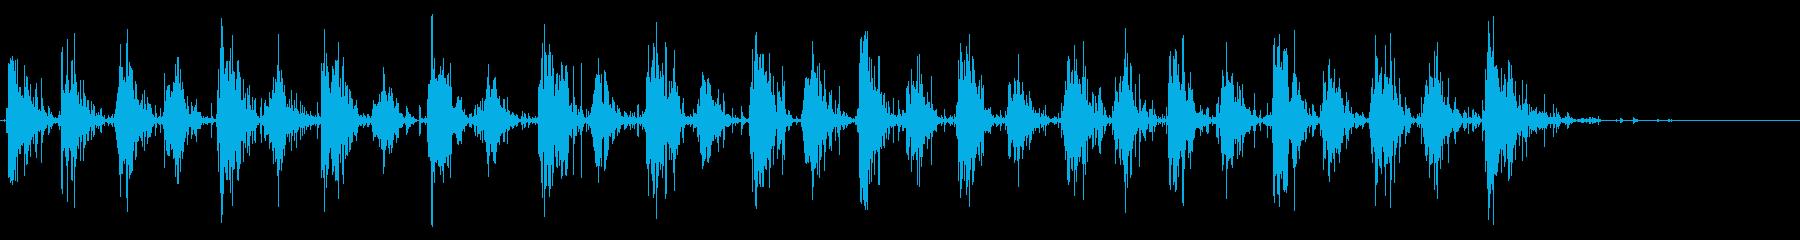 木製シェルシェーカー:リズムシェークの再生済みの波形